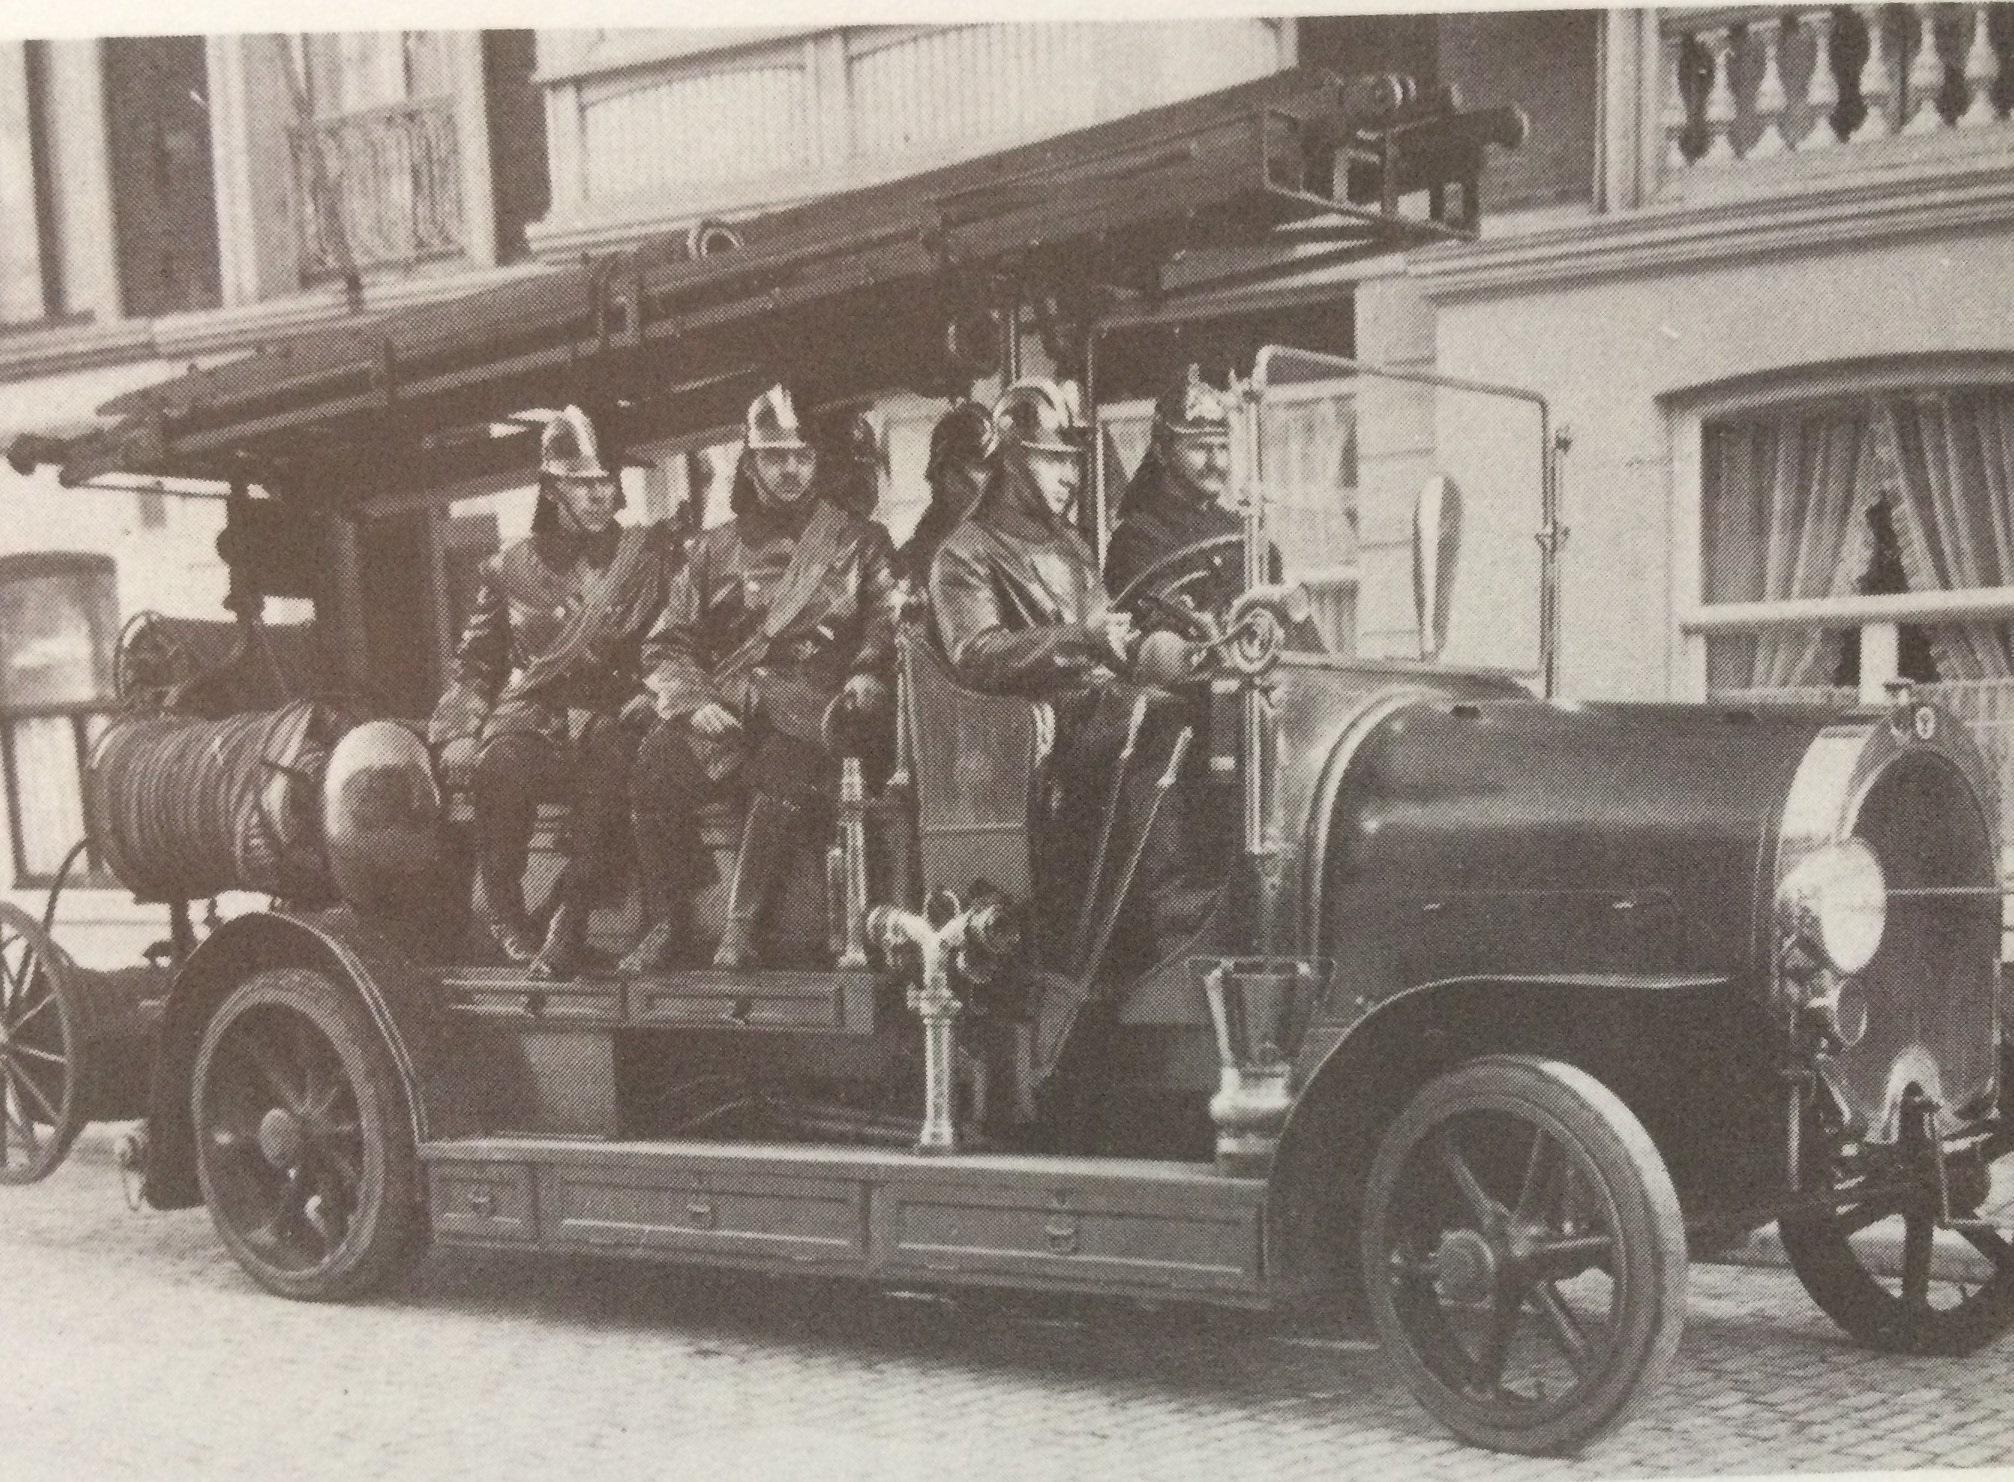 Scania-Vabis-autospuit-van-Den-Haag-van-1919